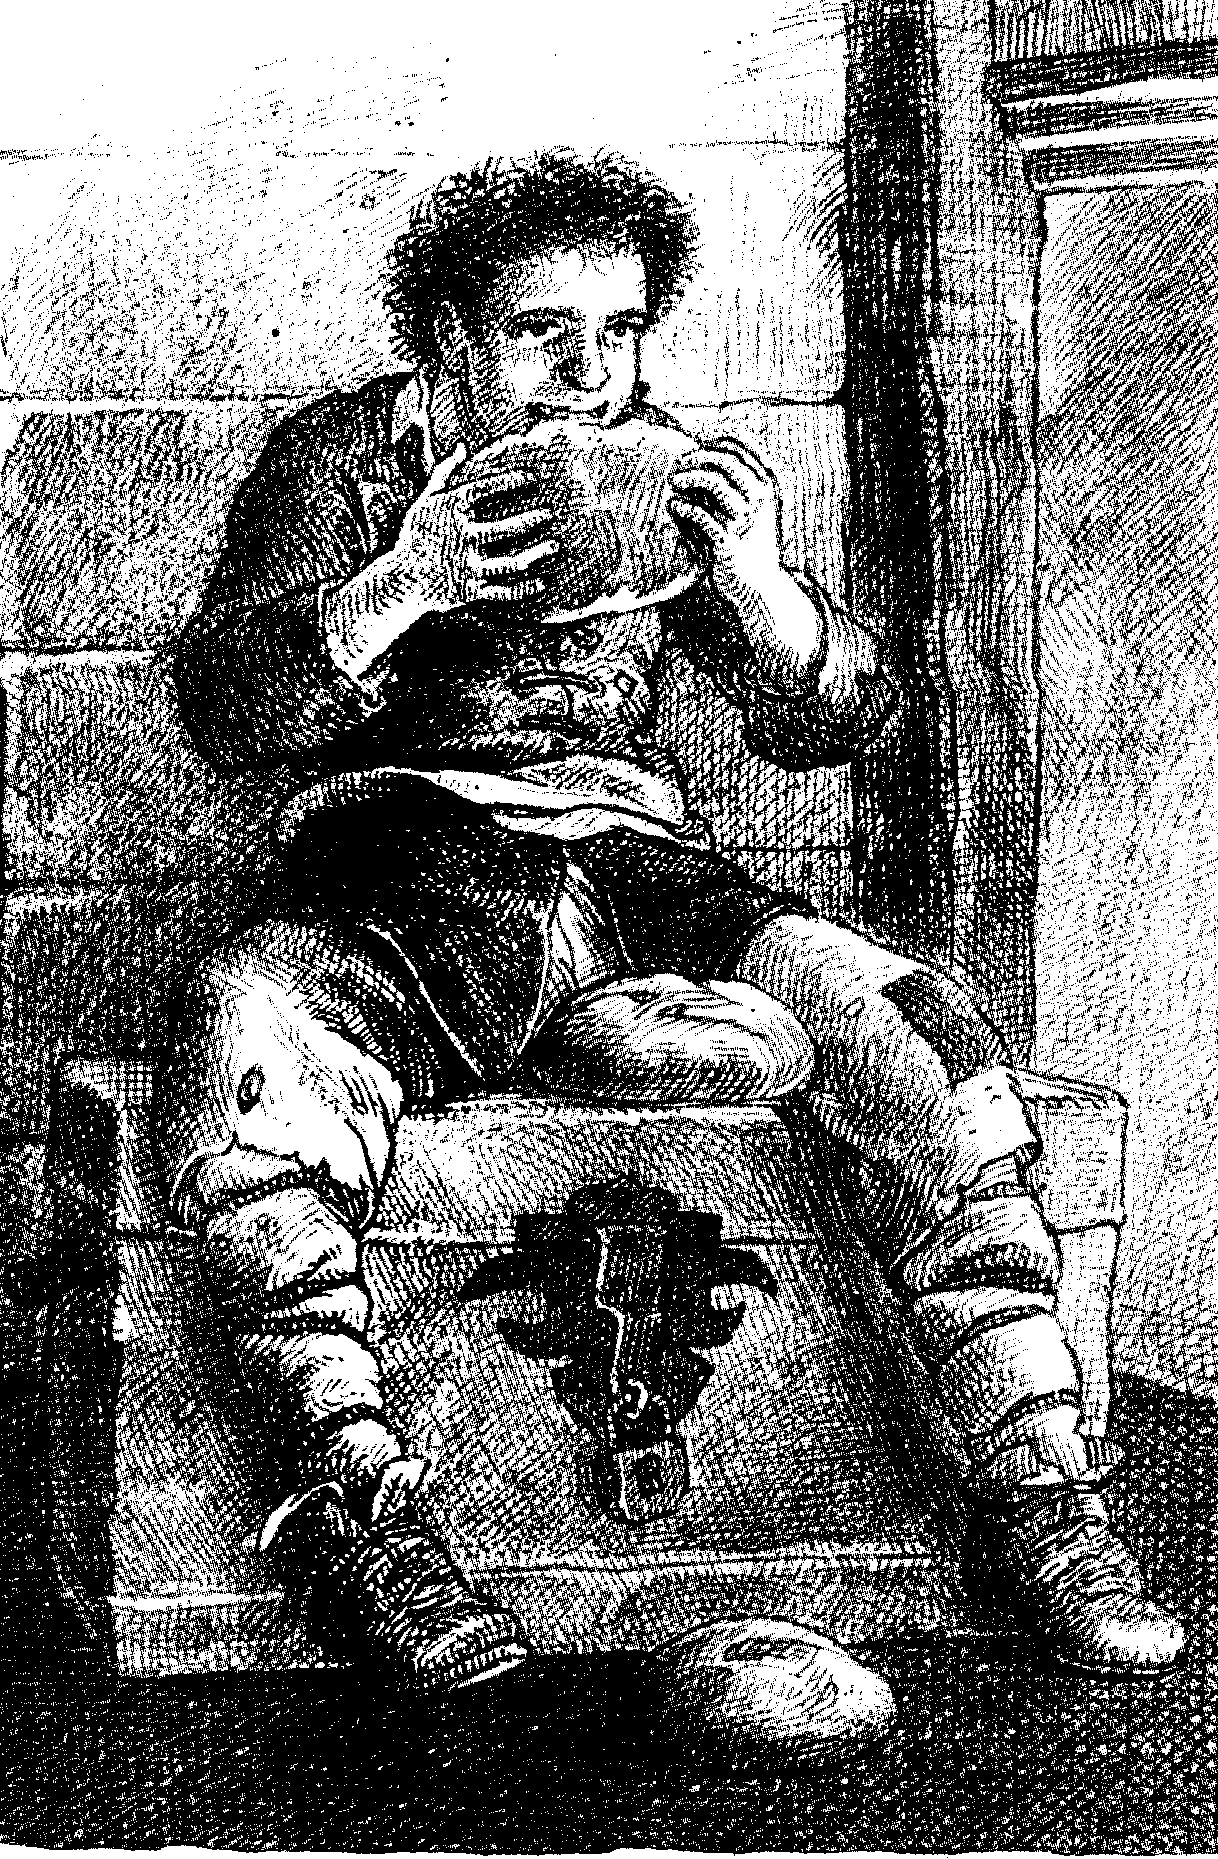 EL LAZARILLO DE TORMES Lazarillo de tormes, Arte y